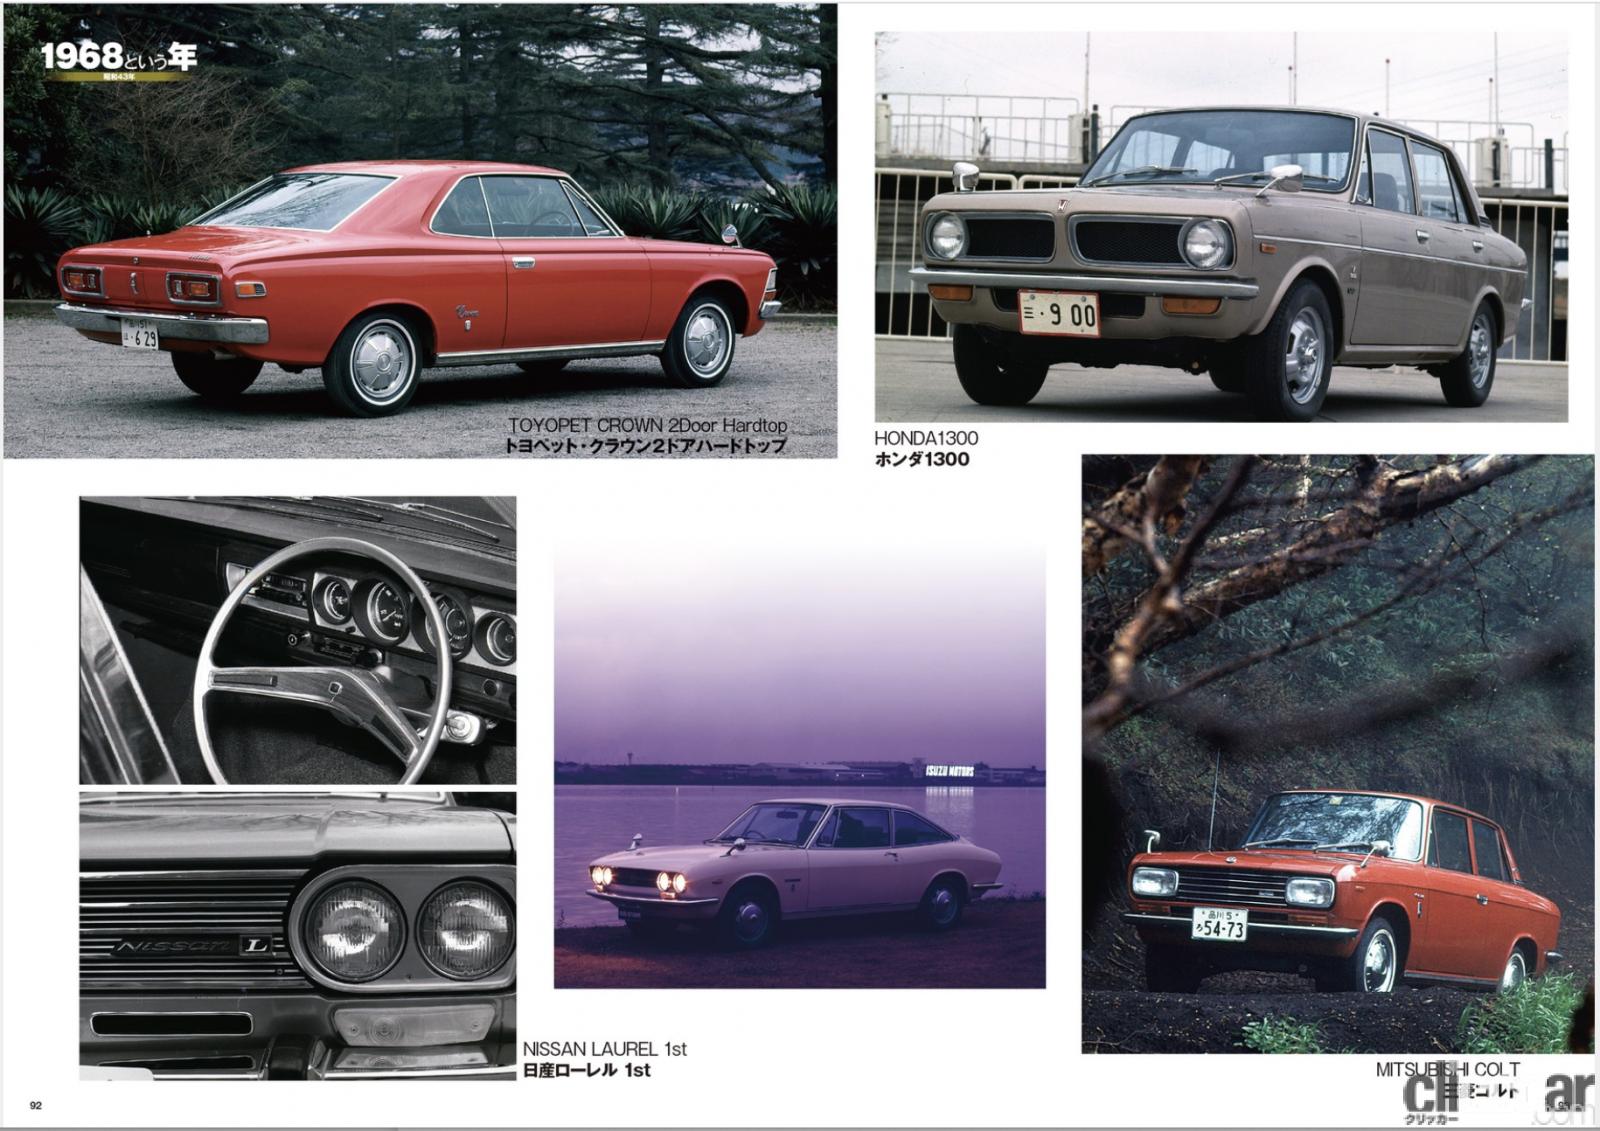 「三億円事件が起きた1968年、伝説の自動車イベント「東京レーシングカーショー」の第1回が開催された!」の10枚目の画像